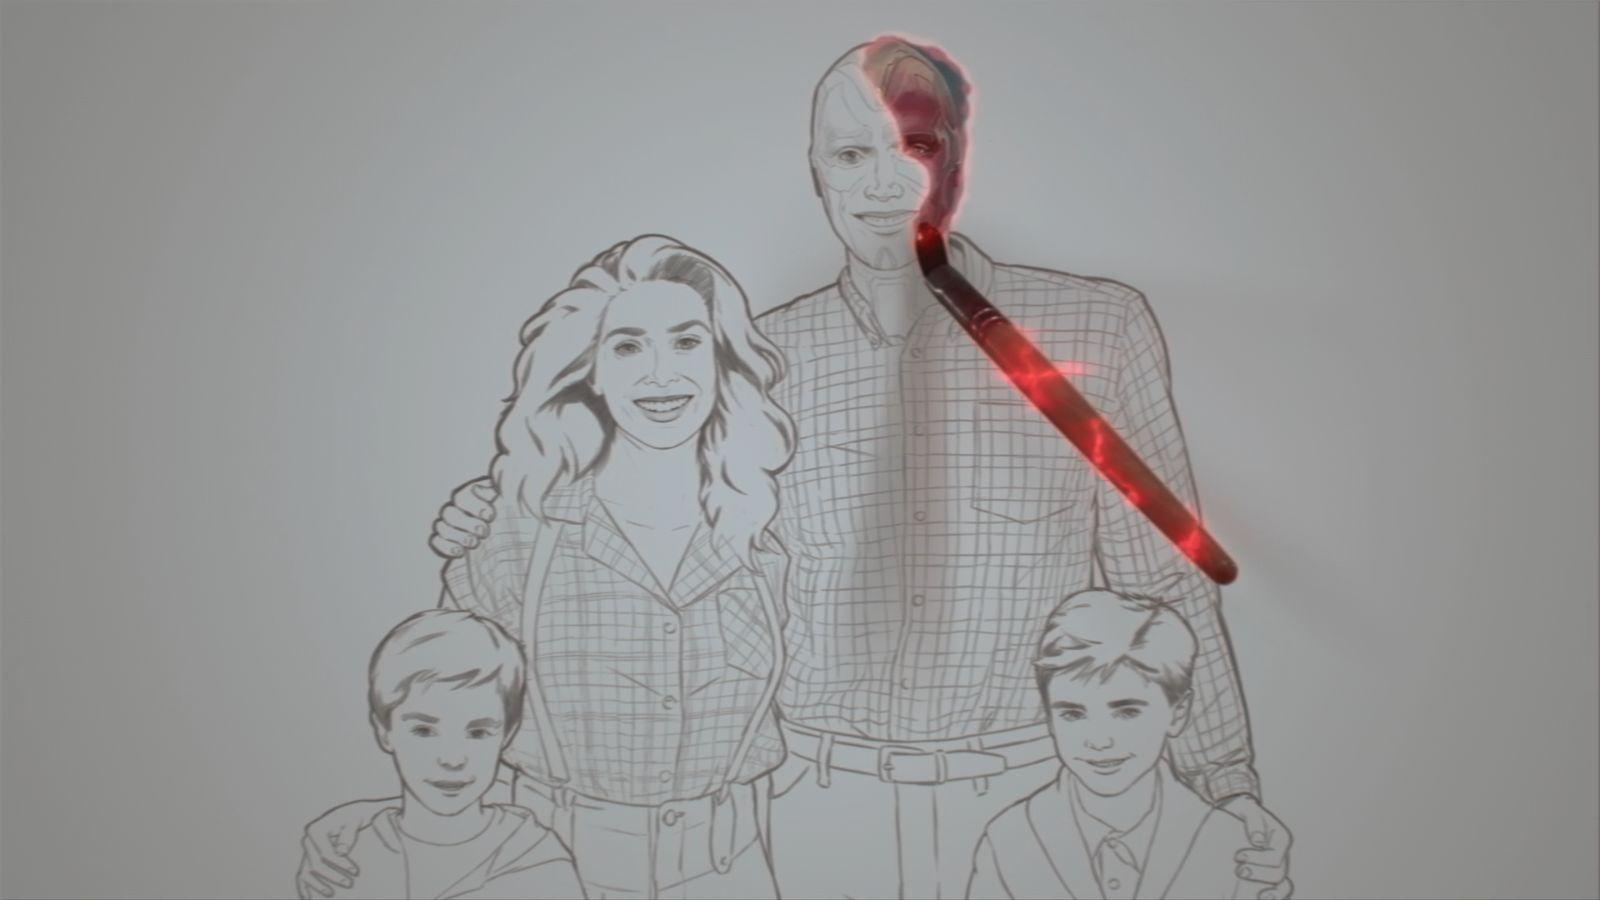 """W 5. odcinku znalazło się kilka zapożyczeń z elementów typowych dla amerykańskich sitcomów z lat 80., głównie takich jak """"Dzieciaki, kłopoty i my"""" (wystrój głównego pomieszczenia), """"Family Ties"""" (rysowanie bohaterów w scenie otwierającej i niezrozumiałe z punktu widzenia widza, ekspresowe dojrzewanie dzieci), """"Pełna chata"""" (biegnąca rodzina w czołówce; pamiętajmy, że w tej produkcji grały także bliźniaczki Olsen, siostry Elizabeth) i """"Zdrówko"""" (stare zdjęcie Westview w sekwencji otwierającej)."""